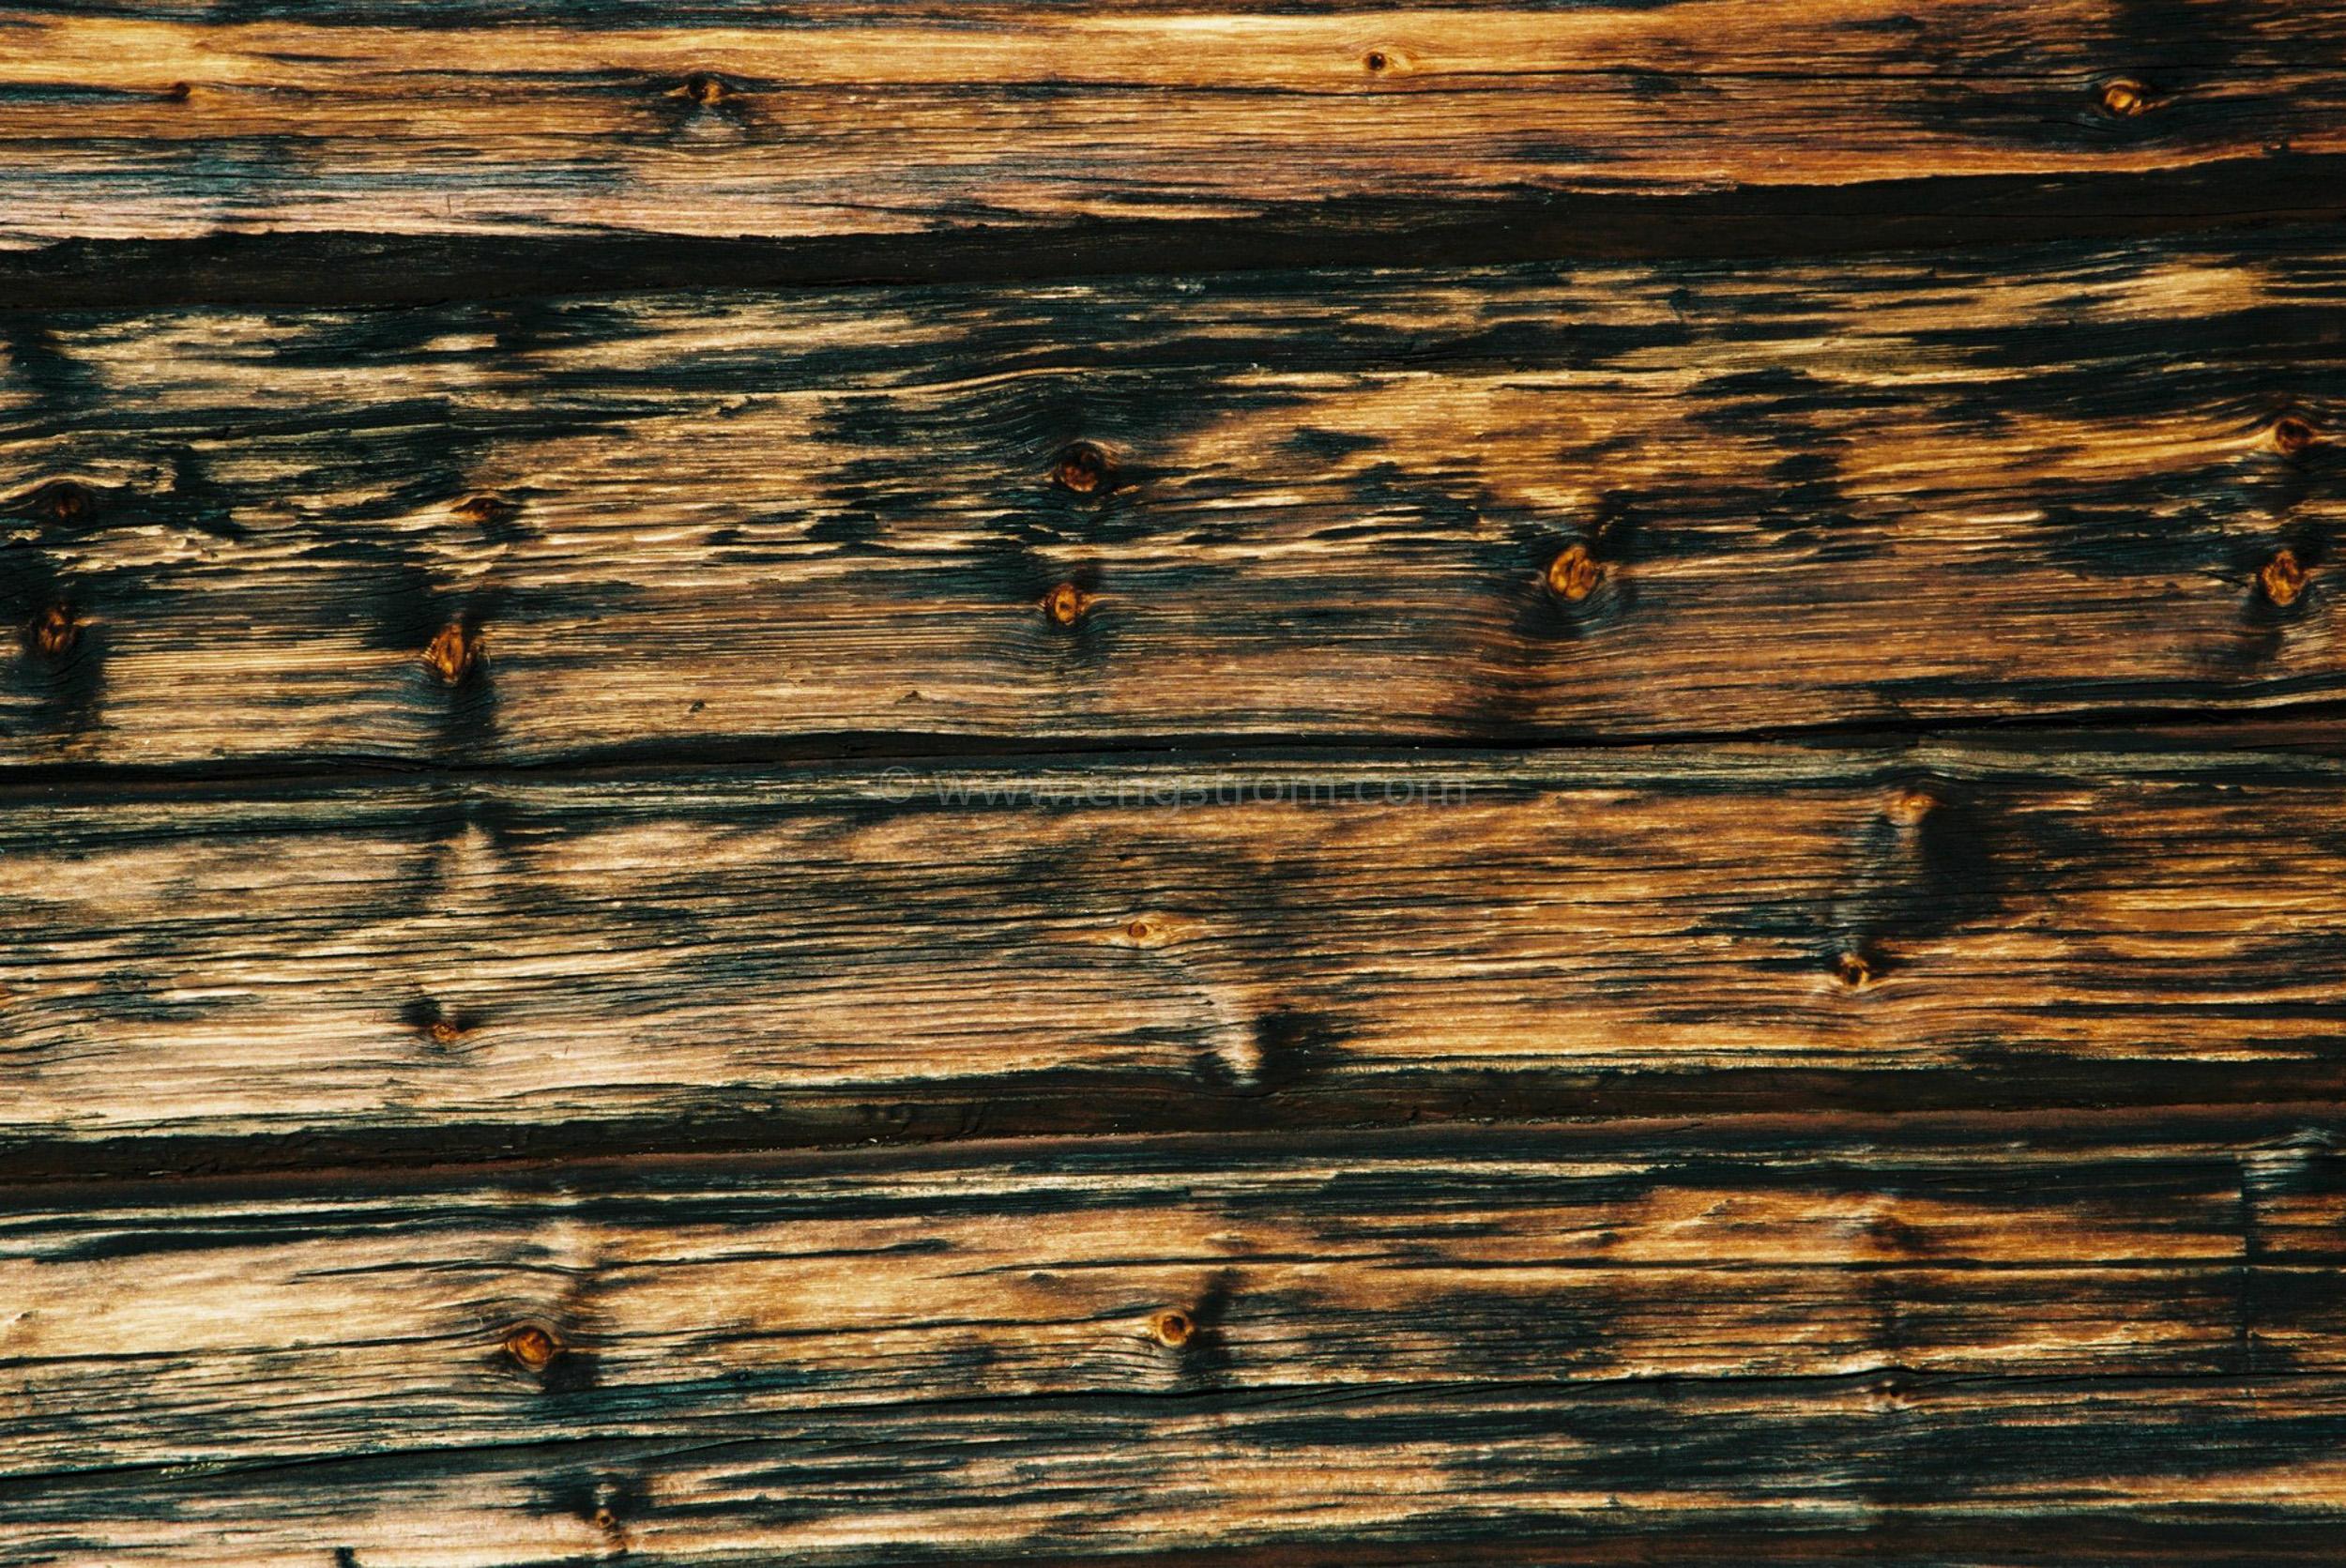 JE0400_063, Solbränt timmerhus. Ranvall vintern 2004, Jonas Engström